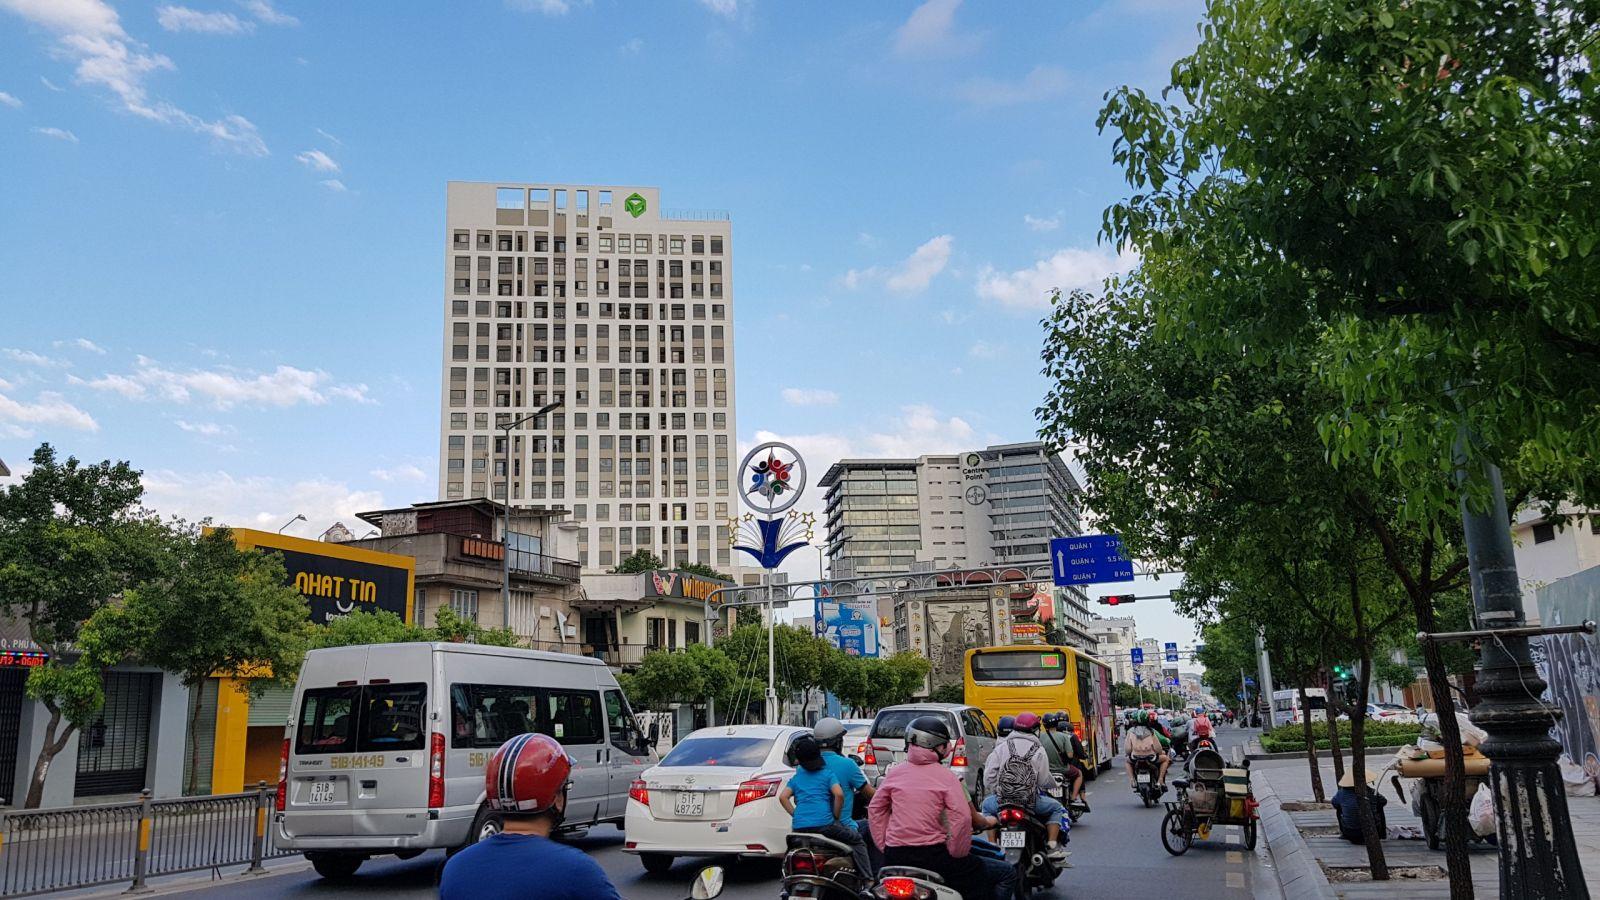 Dự án Newton Residence của Novaland nổi bật trên tuyến đường huyết mạch Nguyễn Văn Trỗi nối liền sân bay với trung tâm thành phố. Ảnh: Khổng Chiêm.